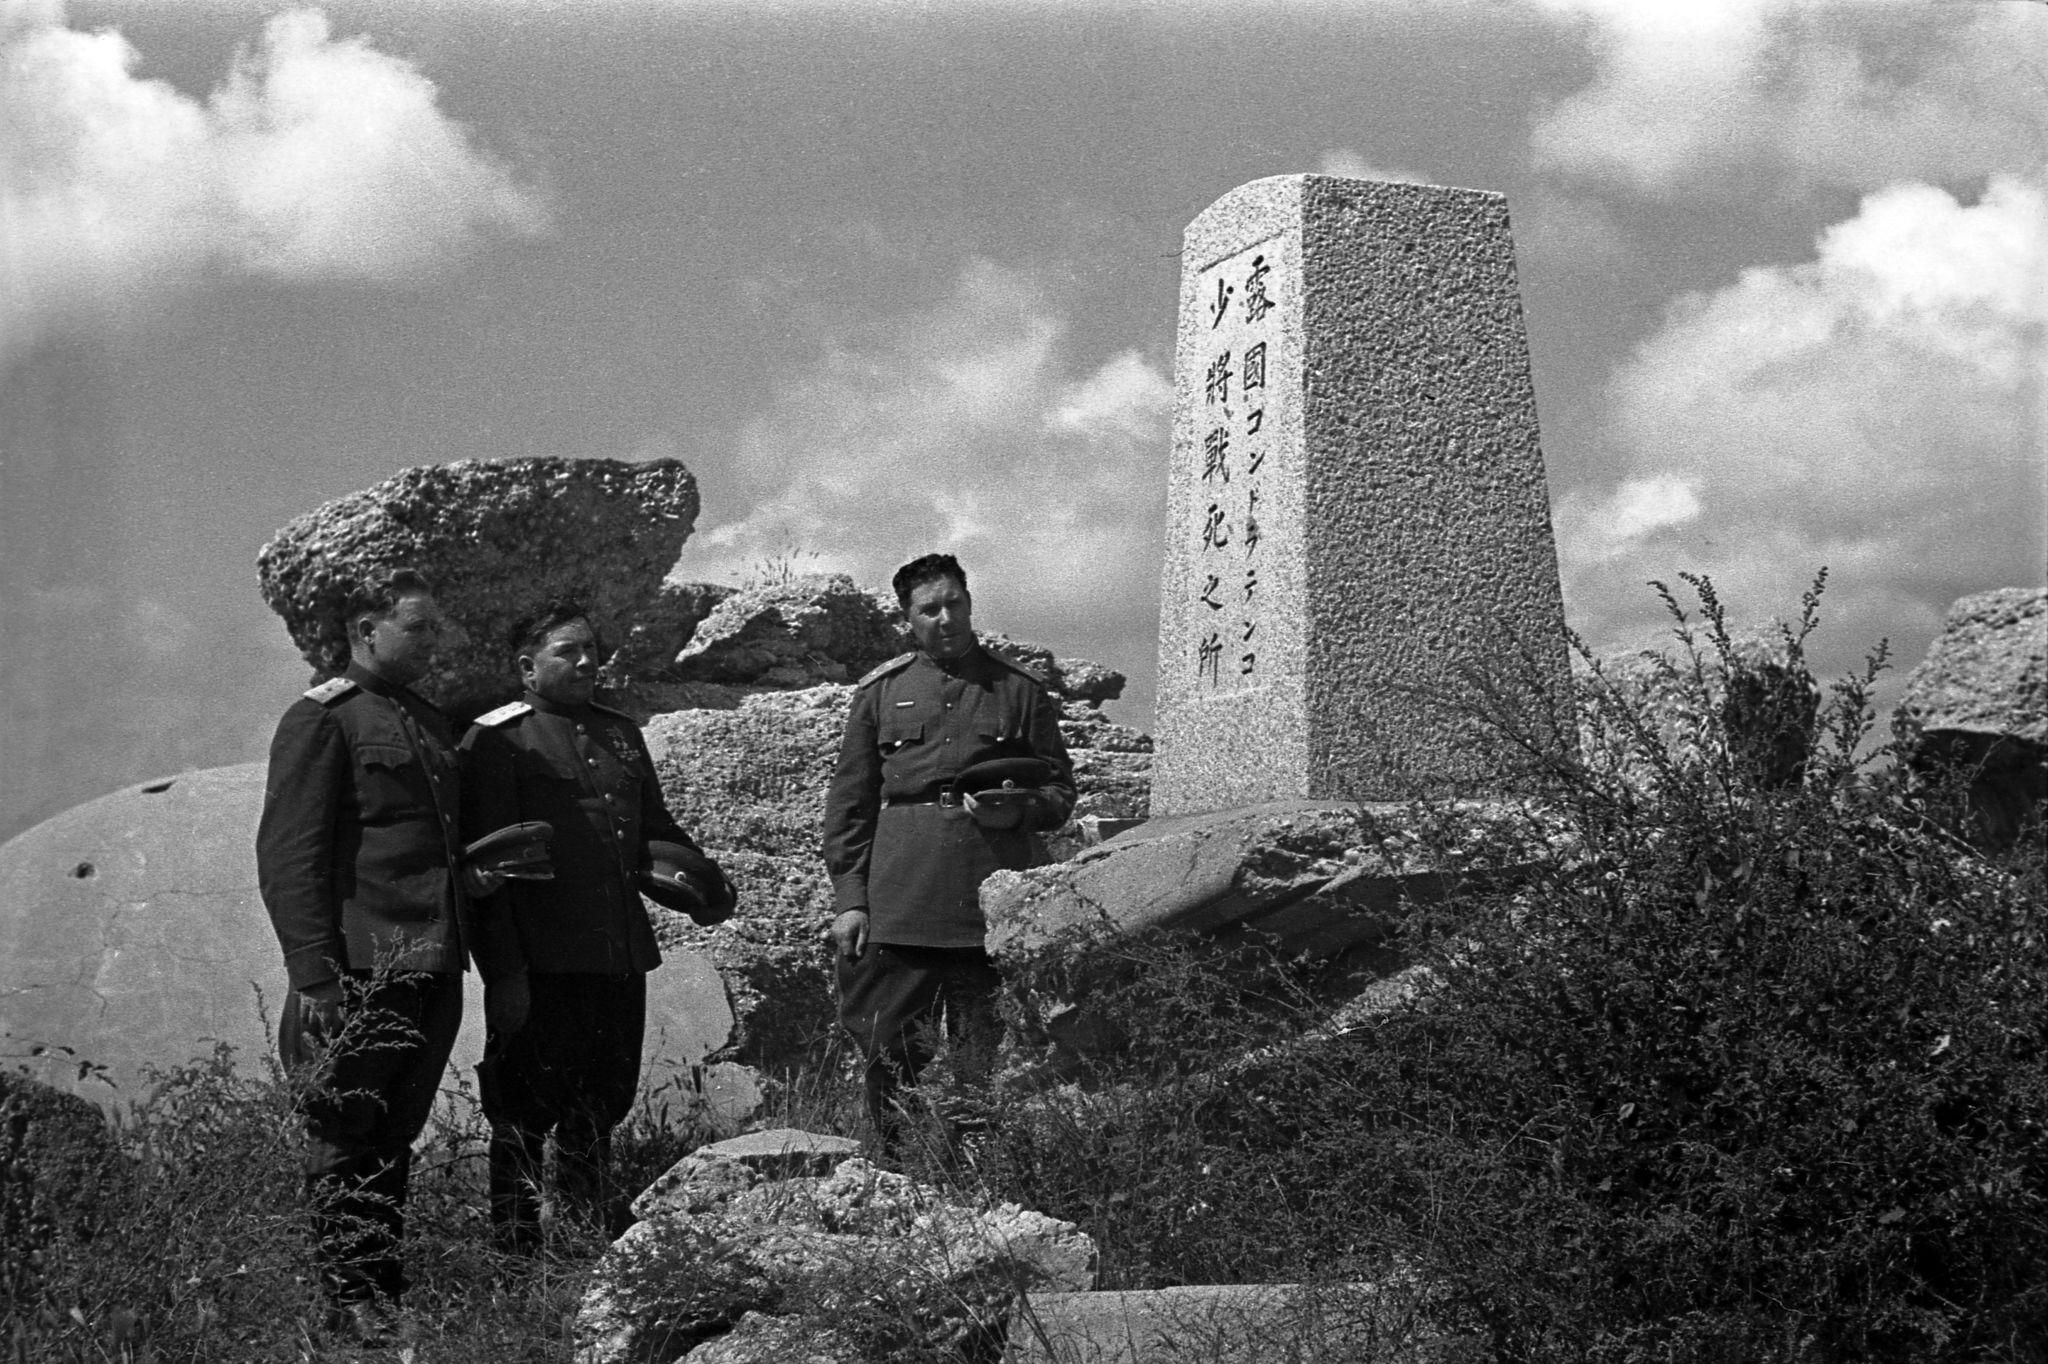 1947. Командующий 39-й армией Приморского военного округа генерал-п у памятника защитникам Порт-Артура (2)